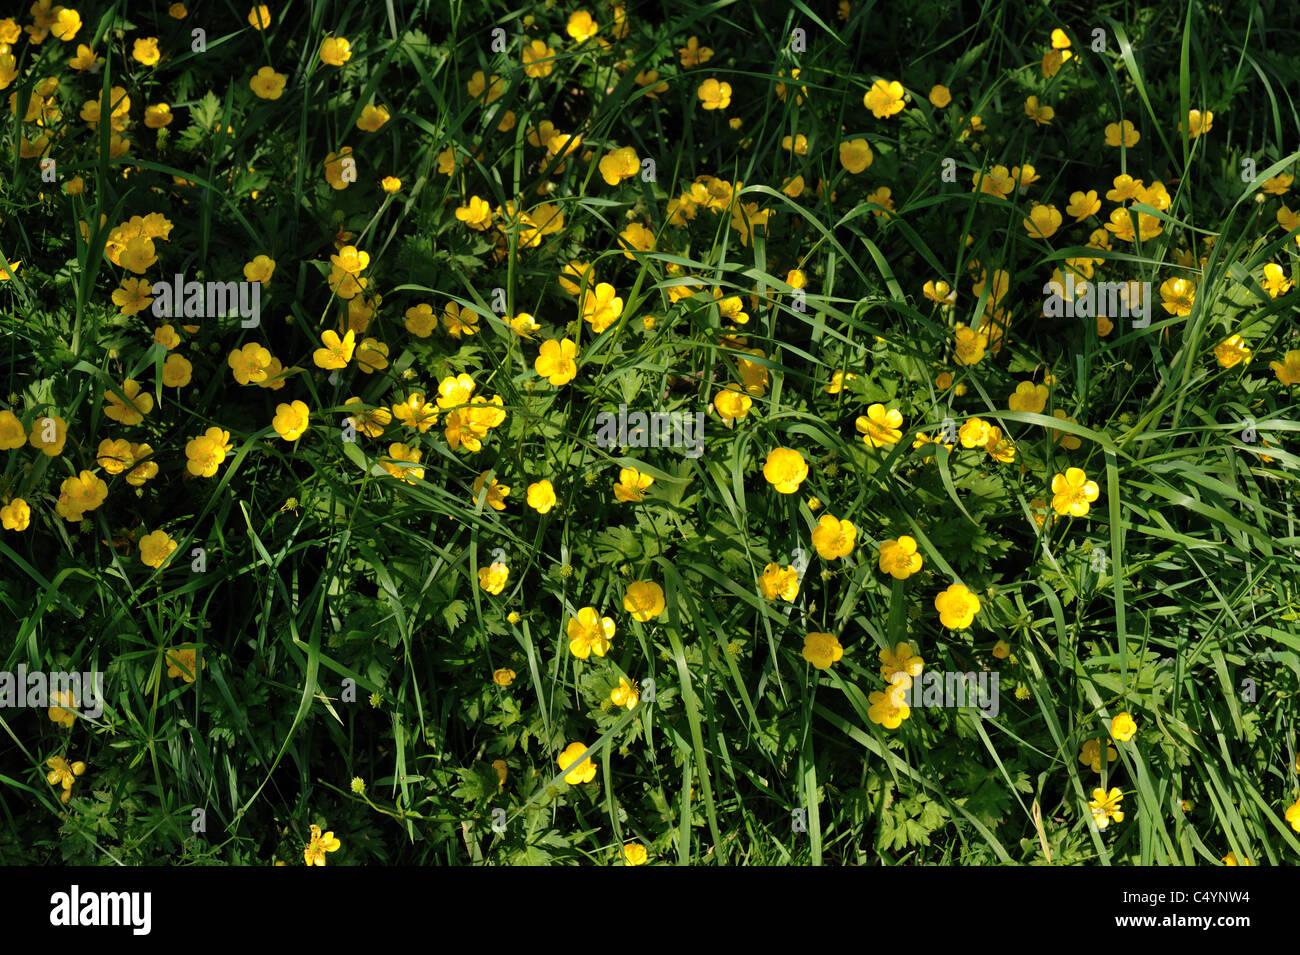 Creeping Buttercup Ranunculus Repens Flowering In Mature Pasture